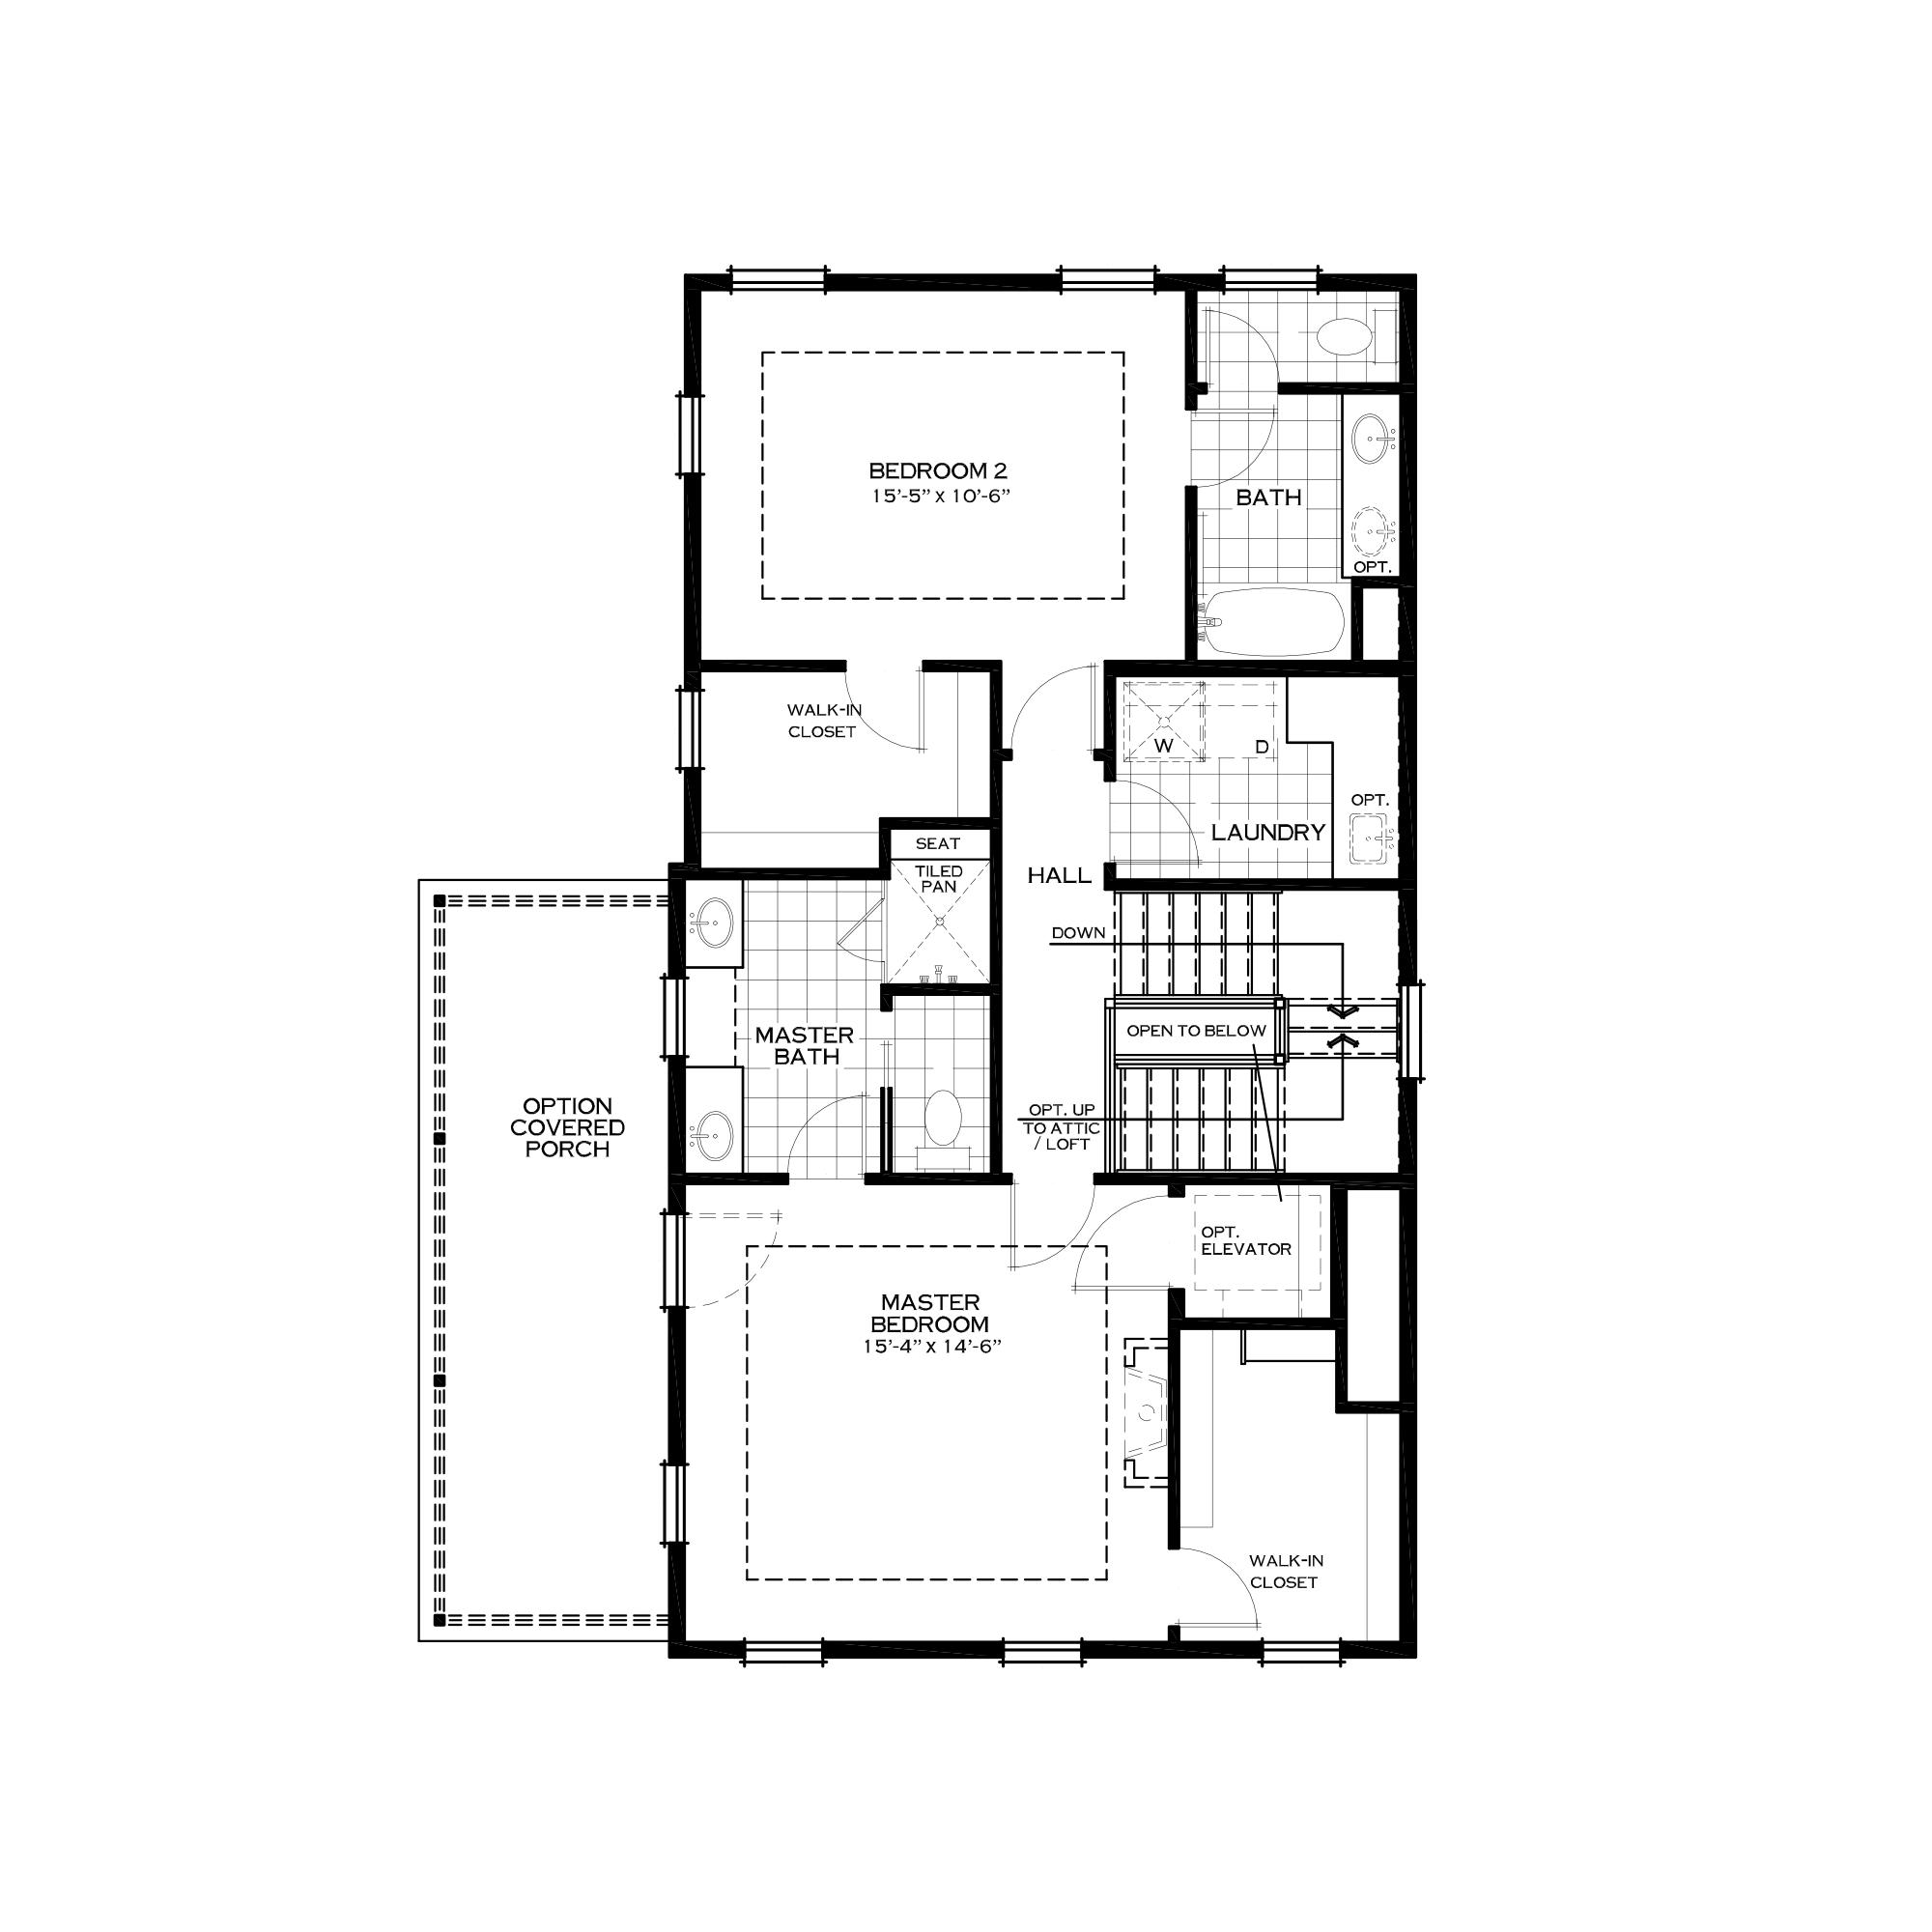 Third Floor Two-Bedroom Alternative Plan